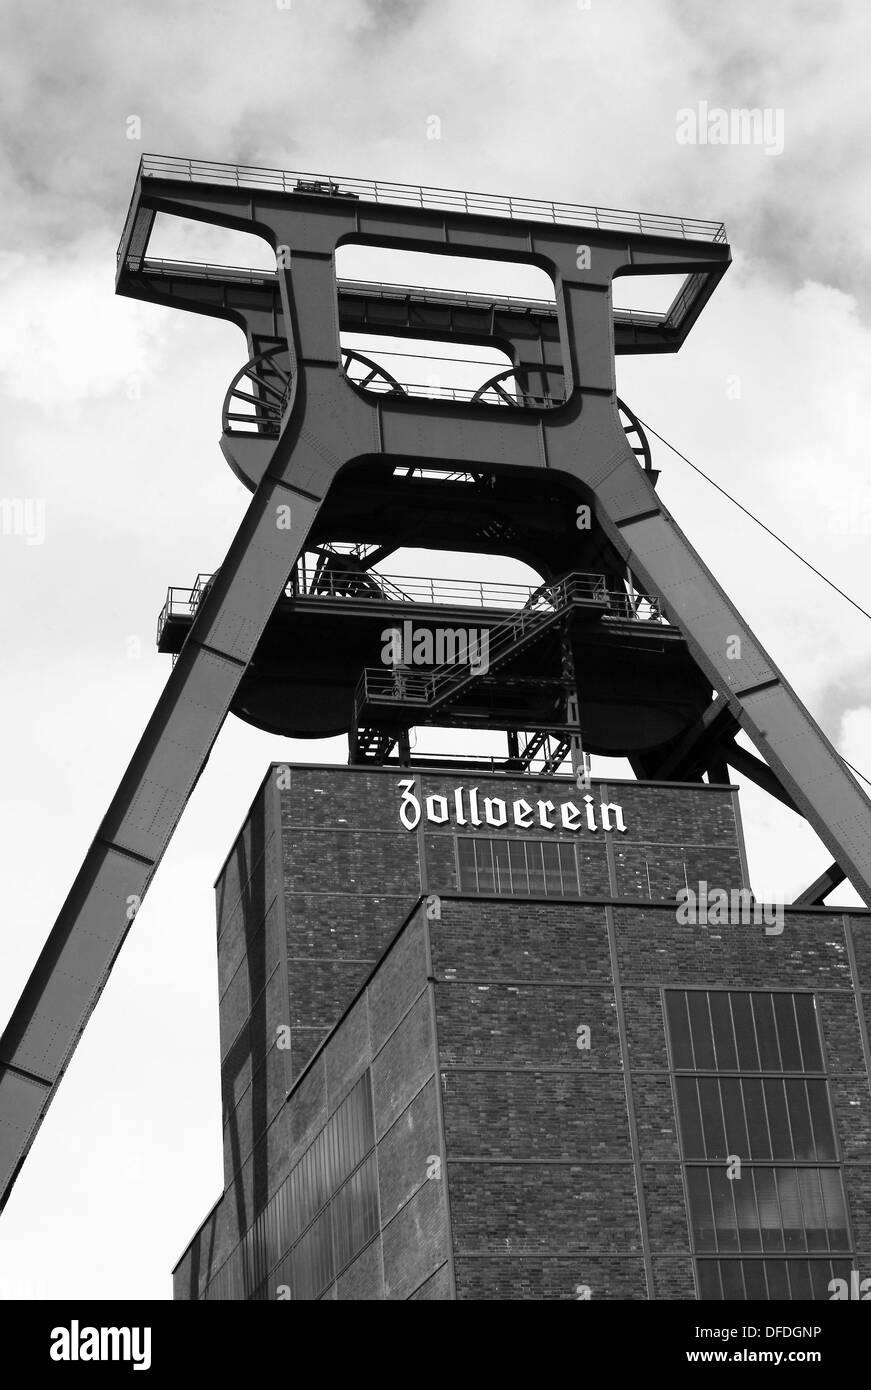 Zollverein coal mine industrial complex, Essen, Ruhr area, Germany - Stock Image